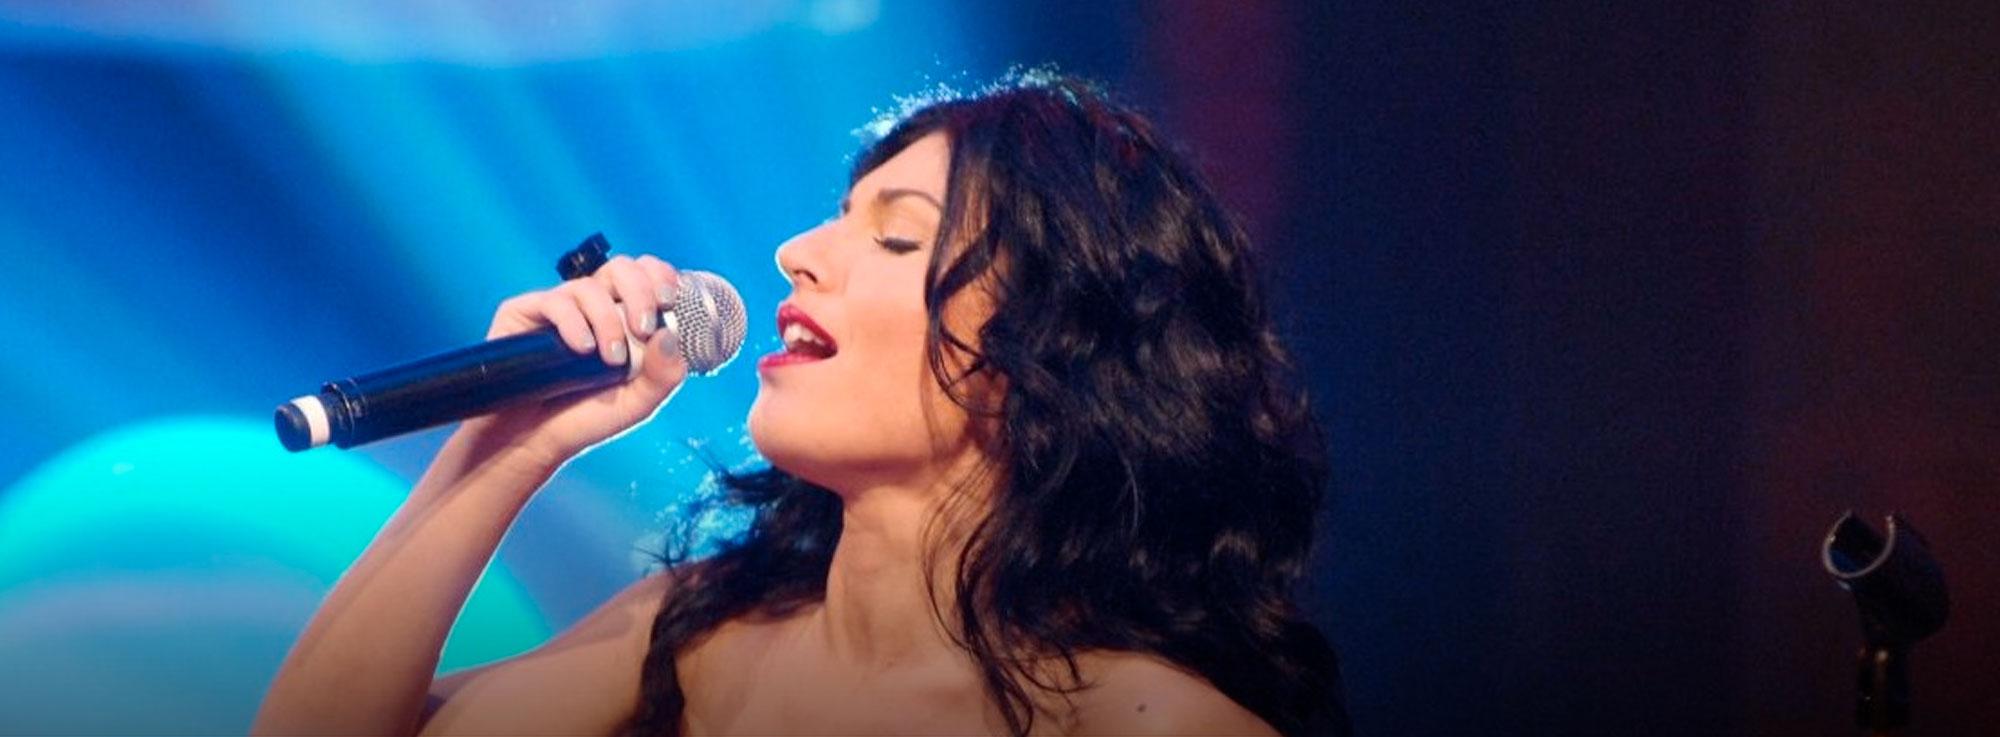 Lesina: Girotondo tour - Giusy Ferreri live